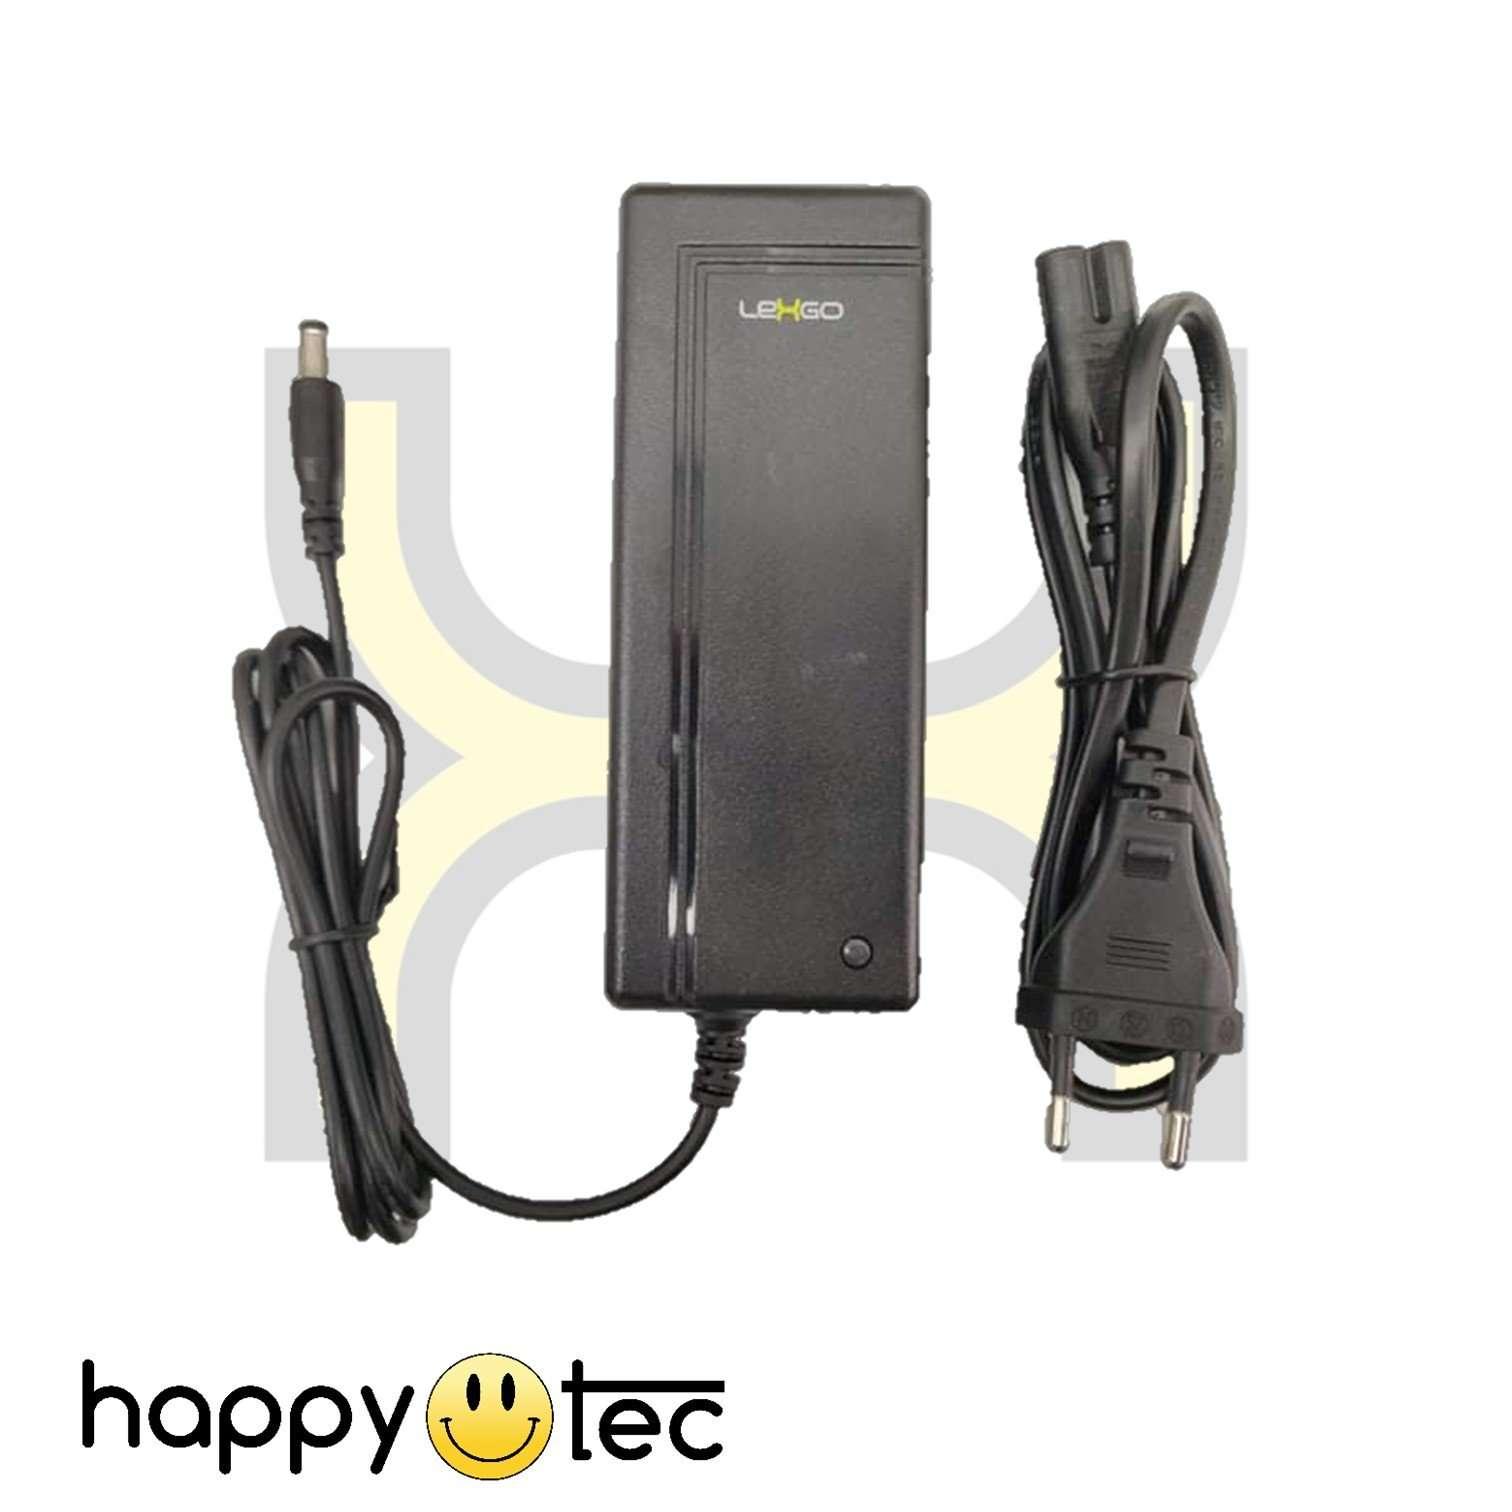 Caricabatterie originale per Lexgo R8 Lite / R8 Plus